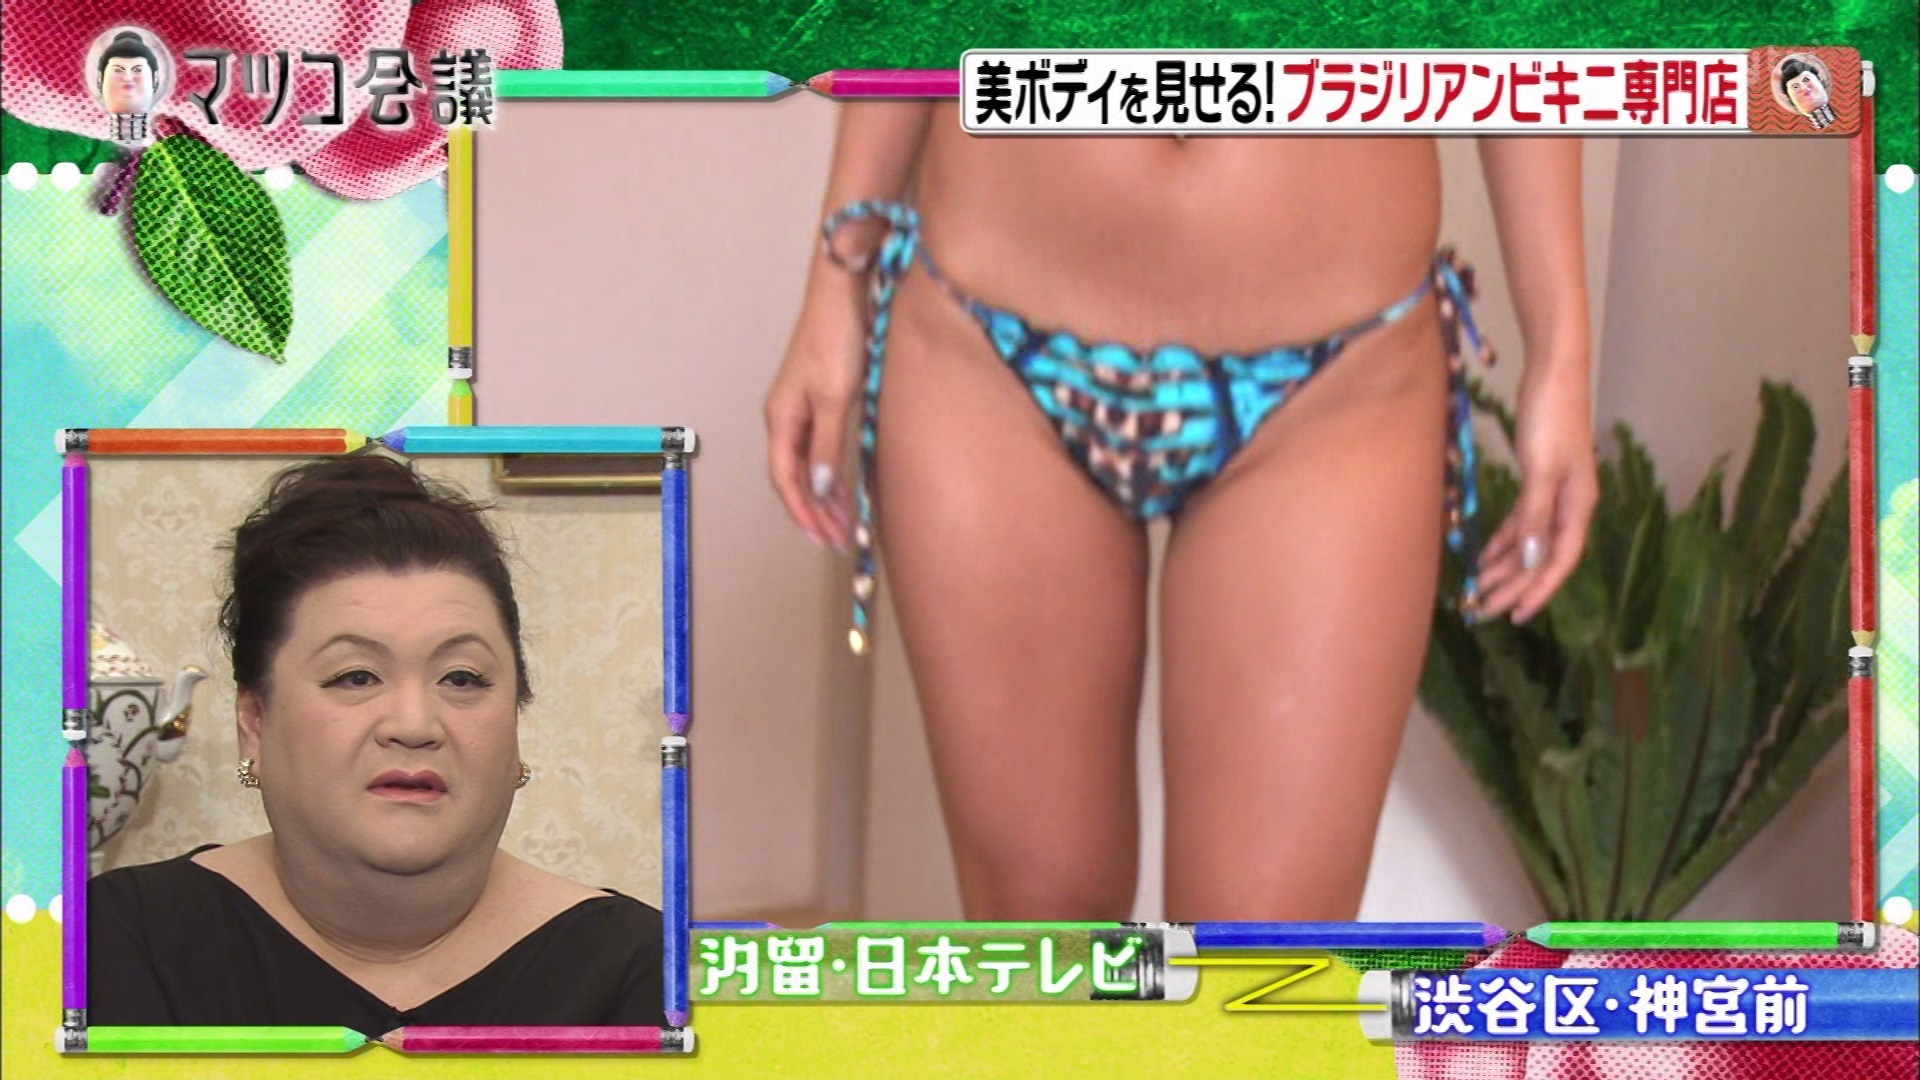 ブラジリアンビキニ_お尻_テレビキャプ画像_04